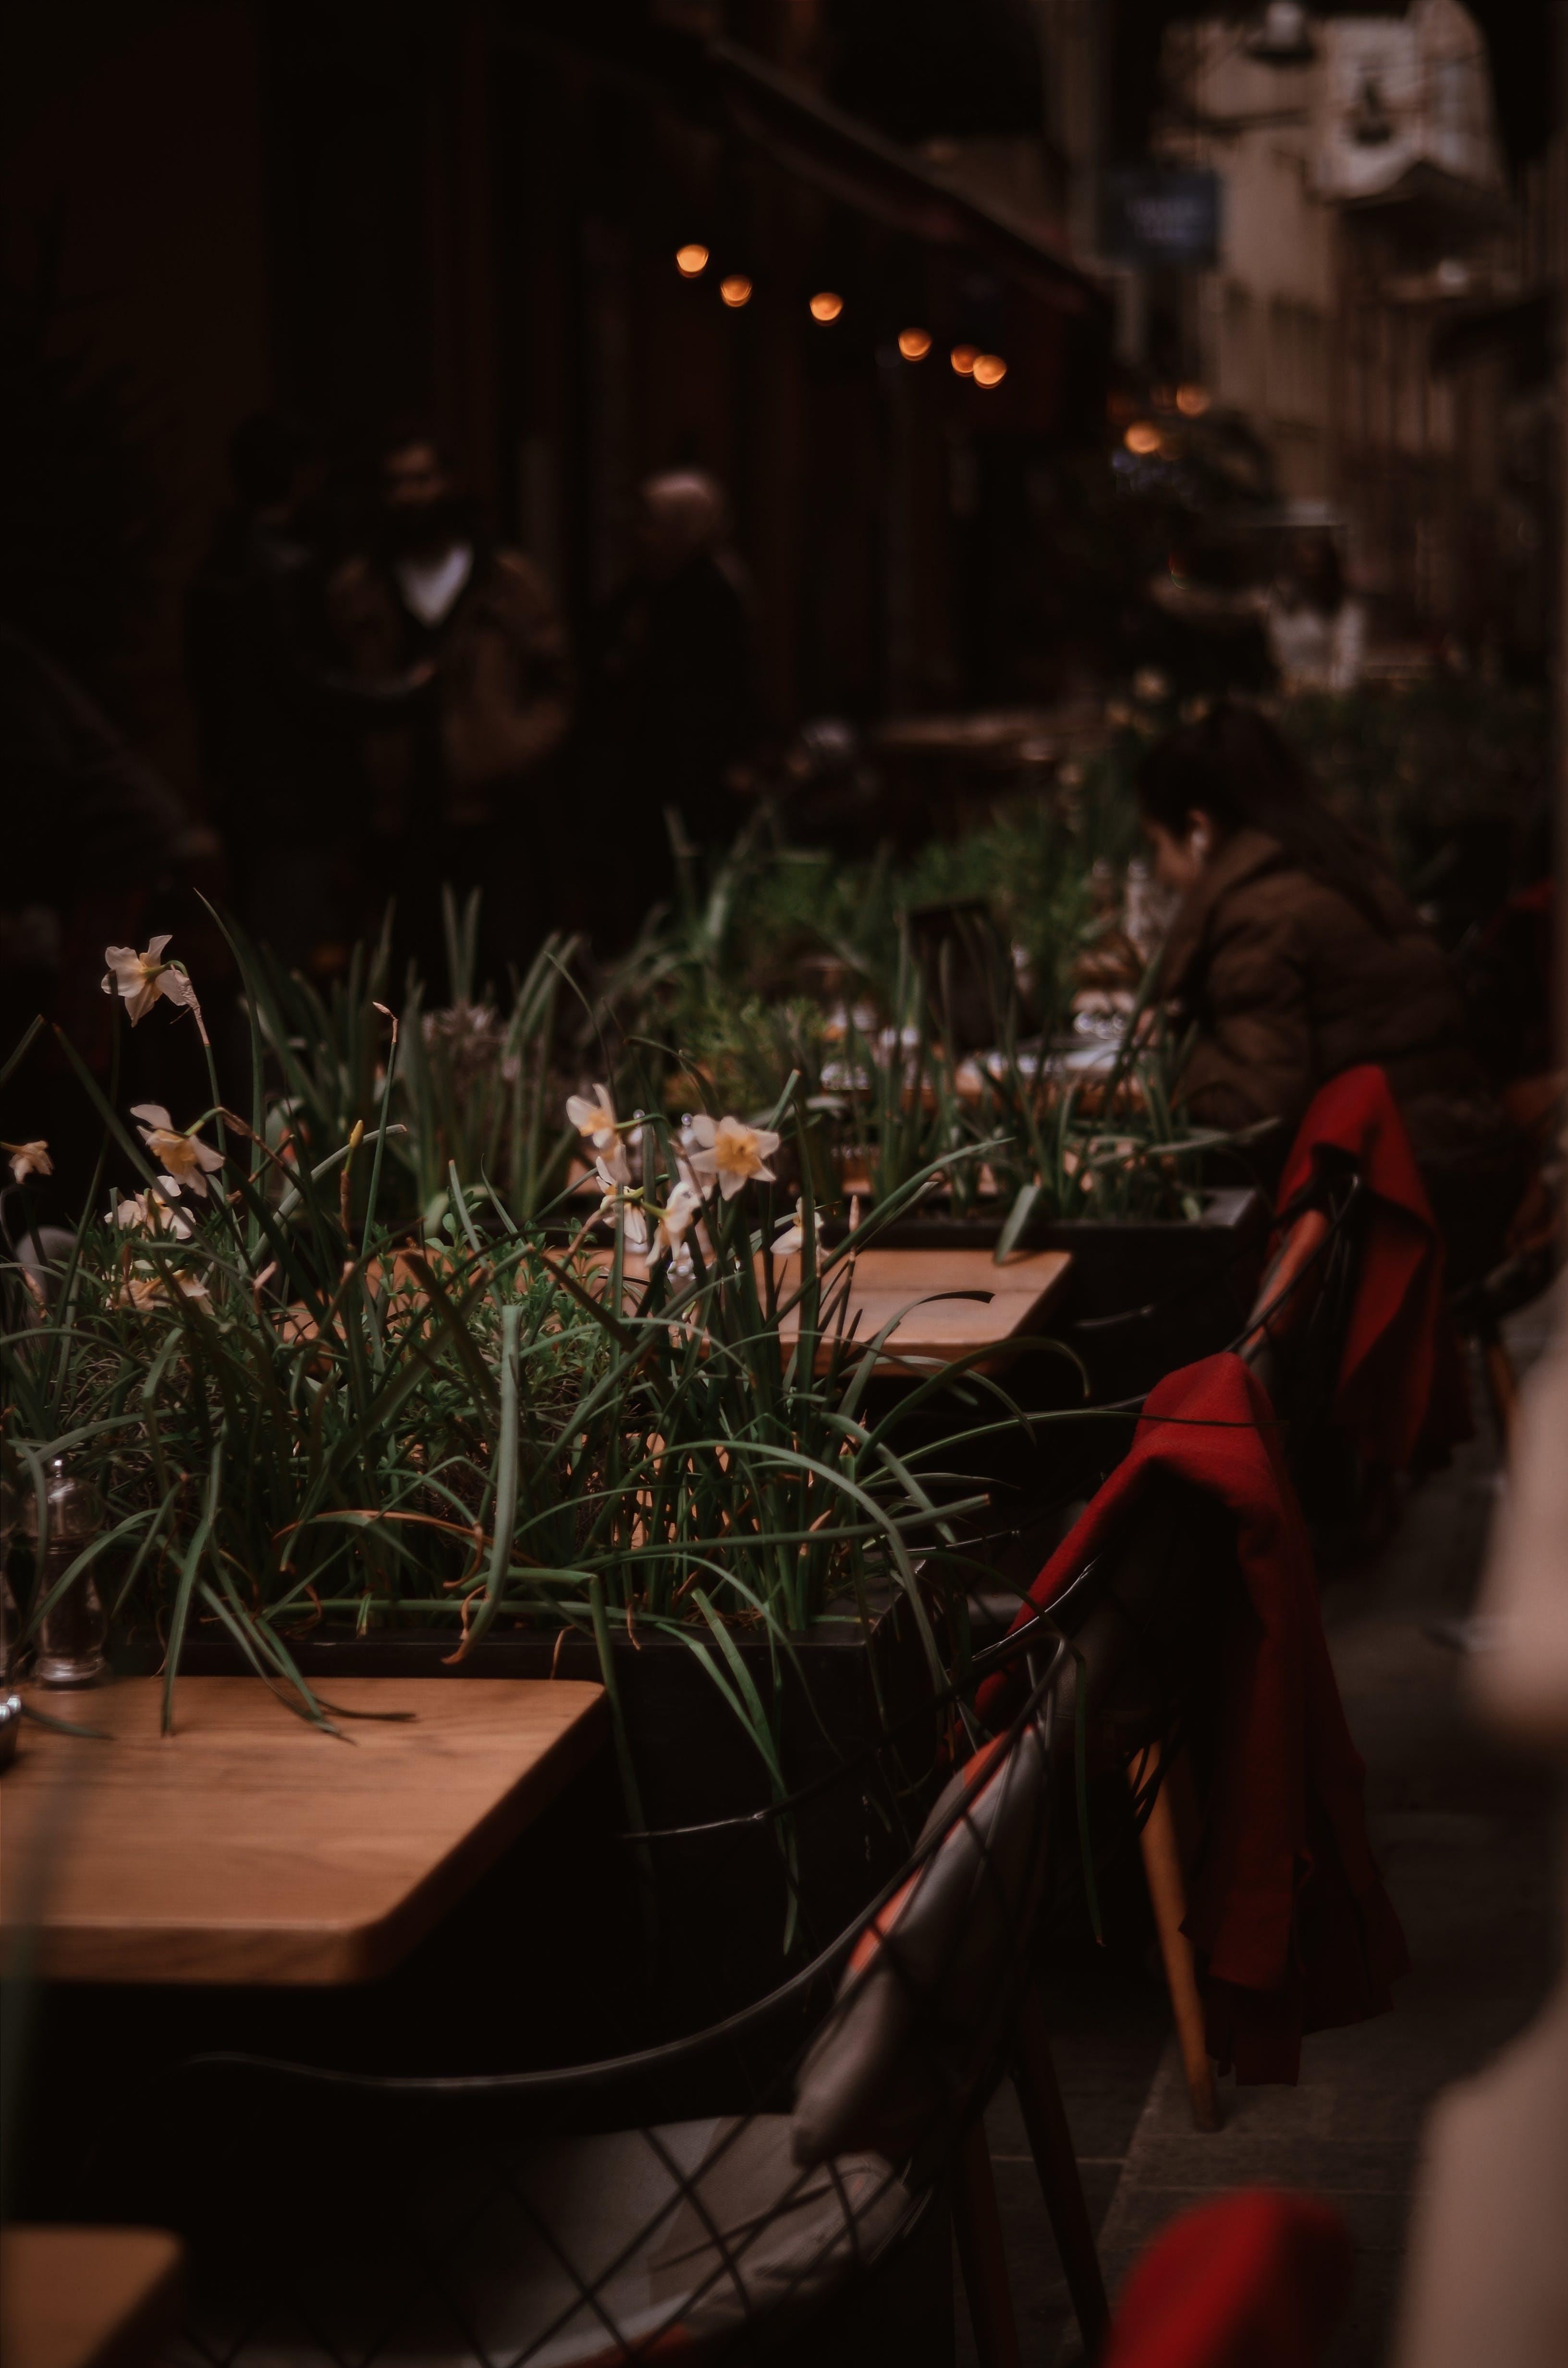 Ảnh lưu trữ miễn phí về ánh sáng, hoa, nhieu cai ghe, những cái bàn